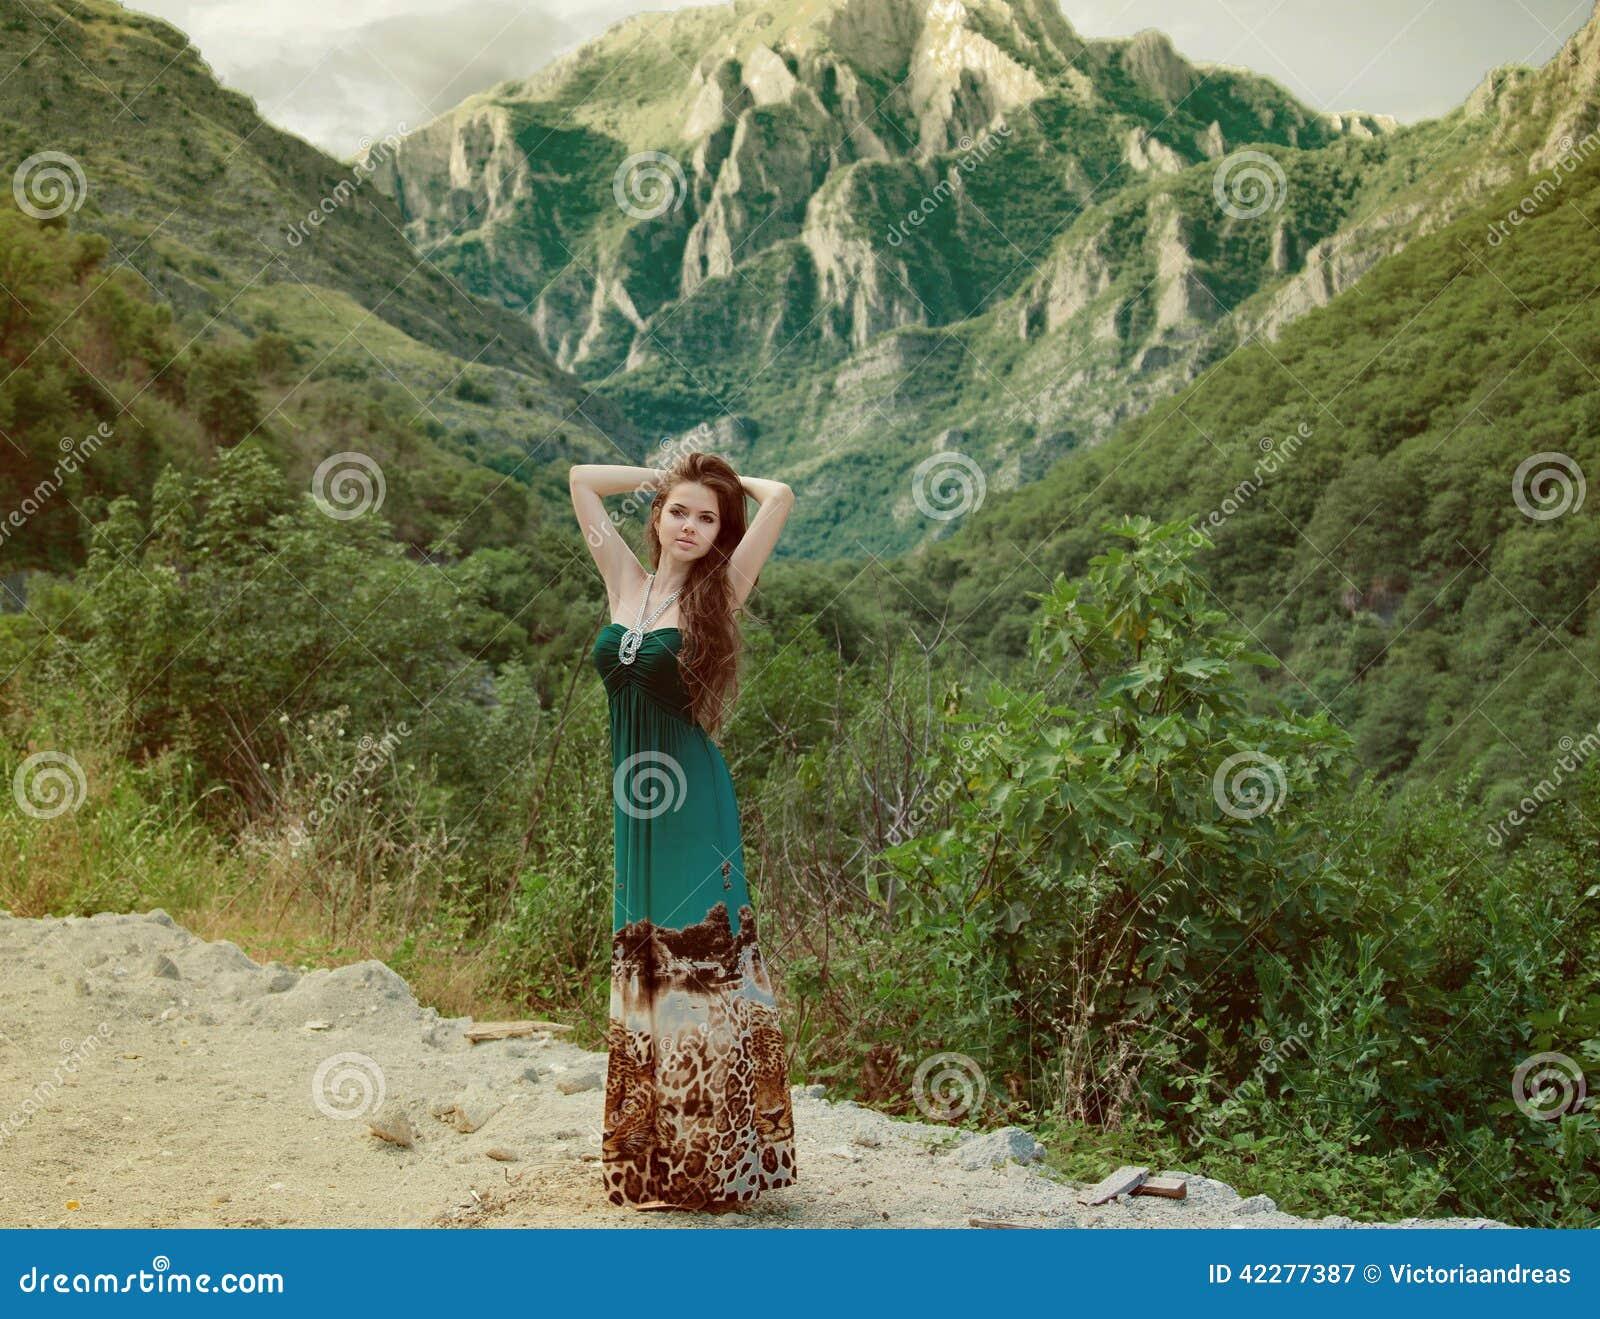 Une fille dans la montagne - Vido Inafr